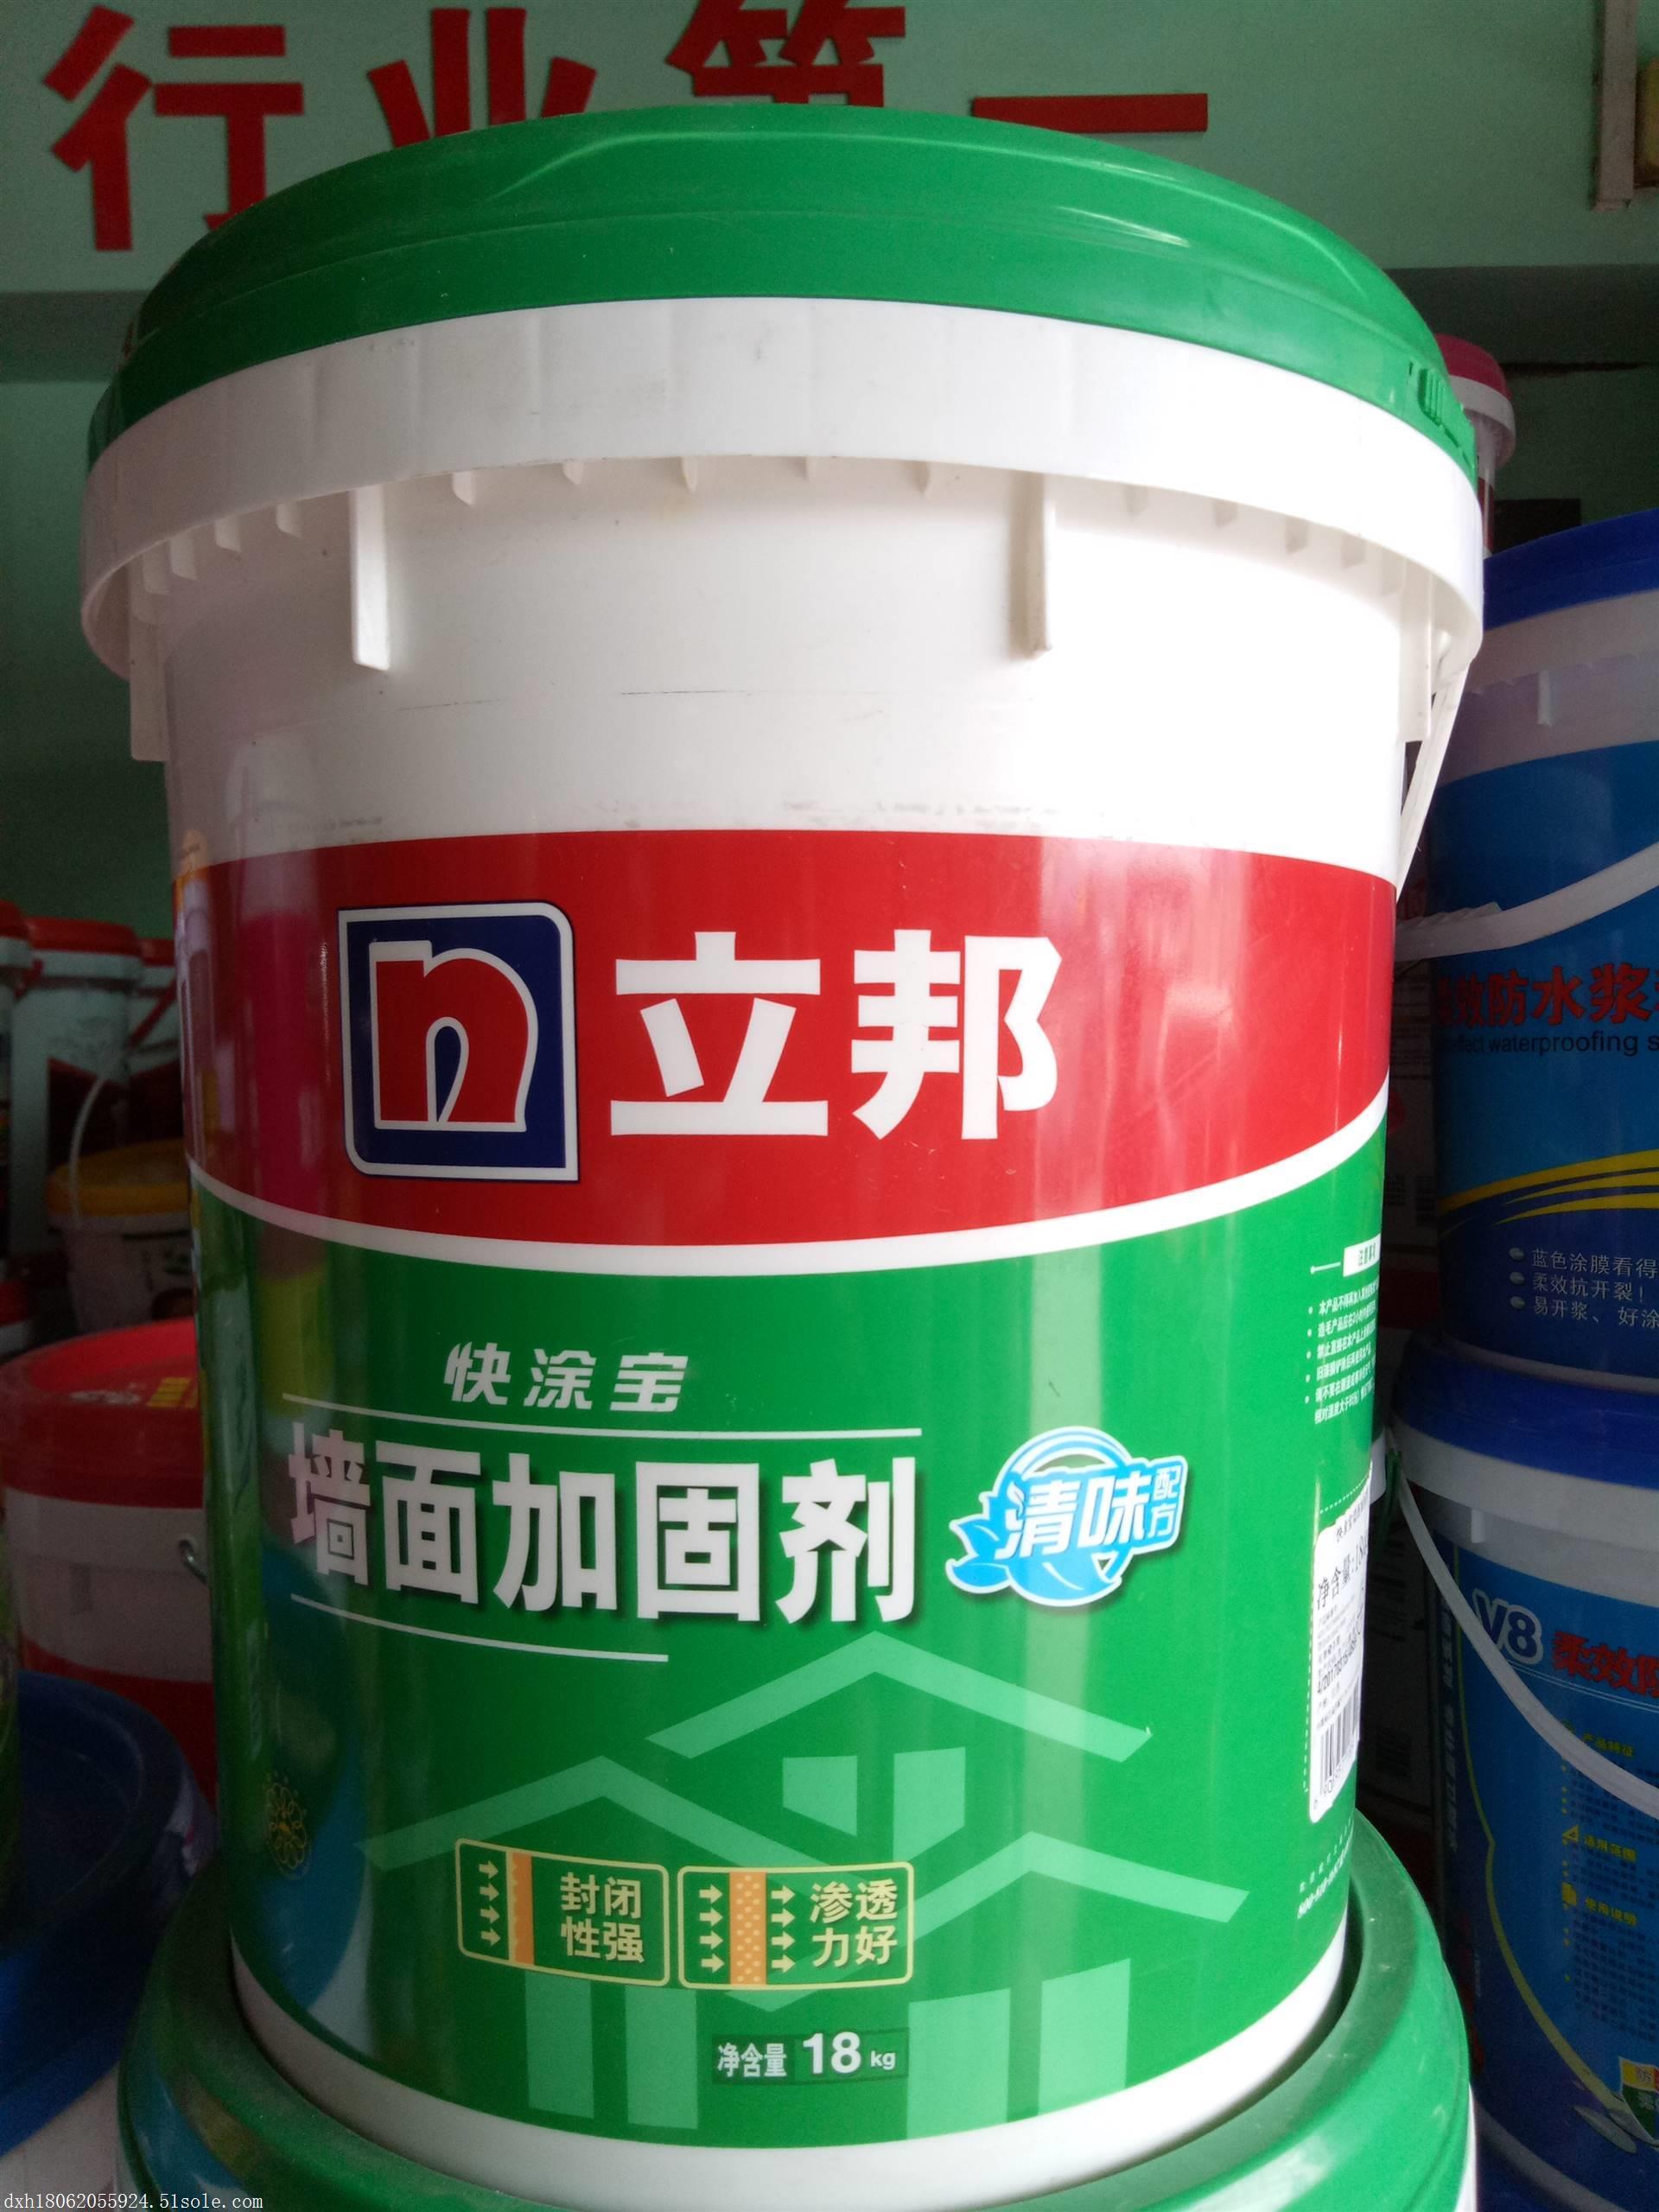 立邦漆墙面加固剂正品品牌油漆涂料厂